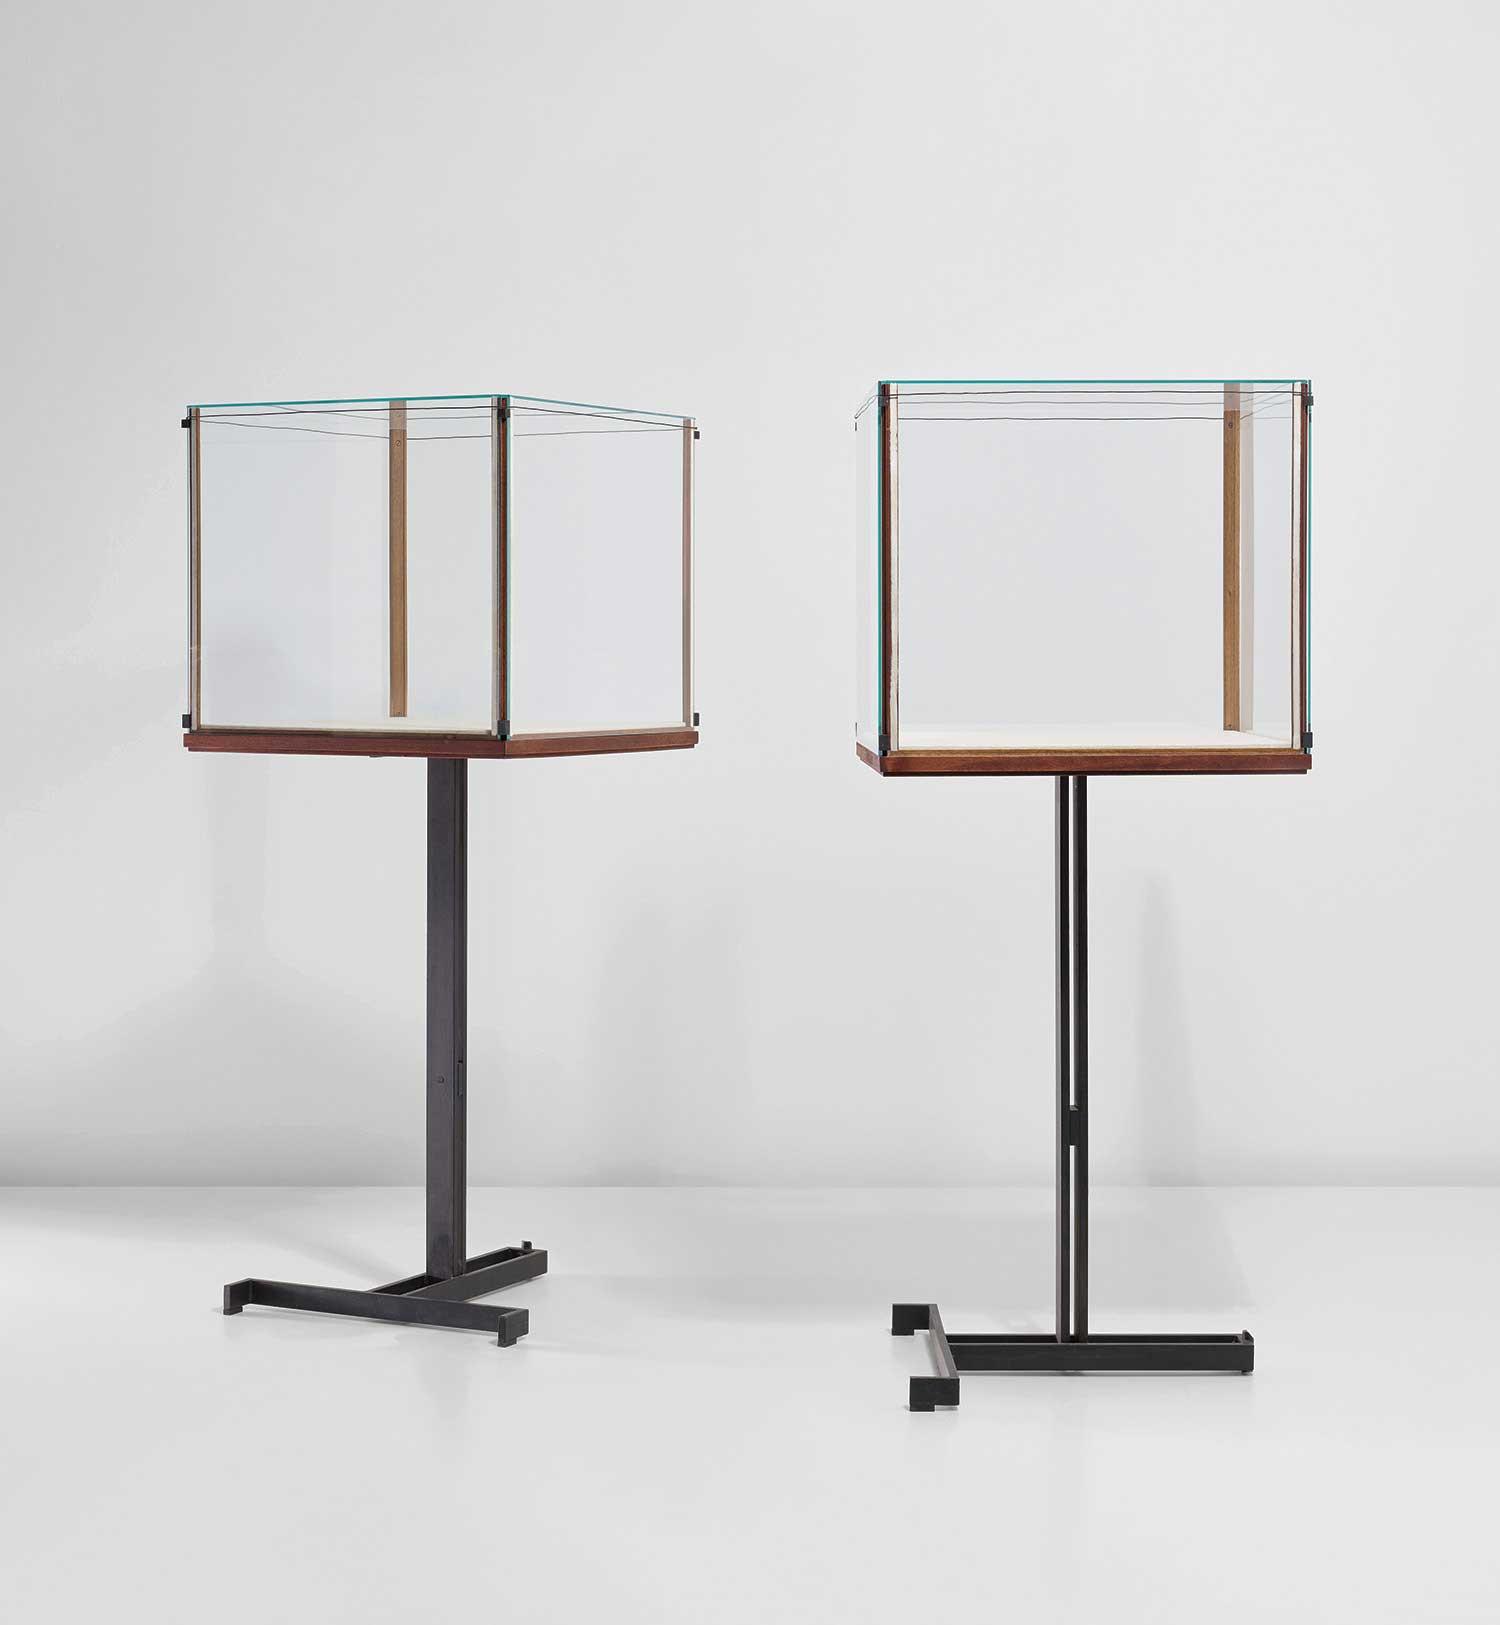 Carlo-Scarpa_Pair-of-vitrines,-designed-1957,-executed-circa-1963.jpg